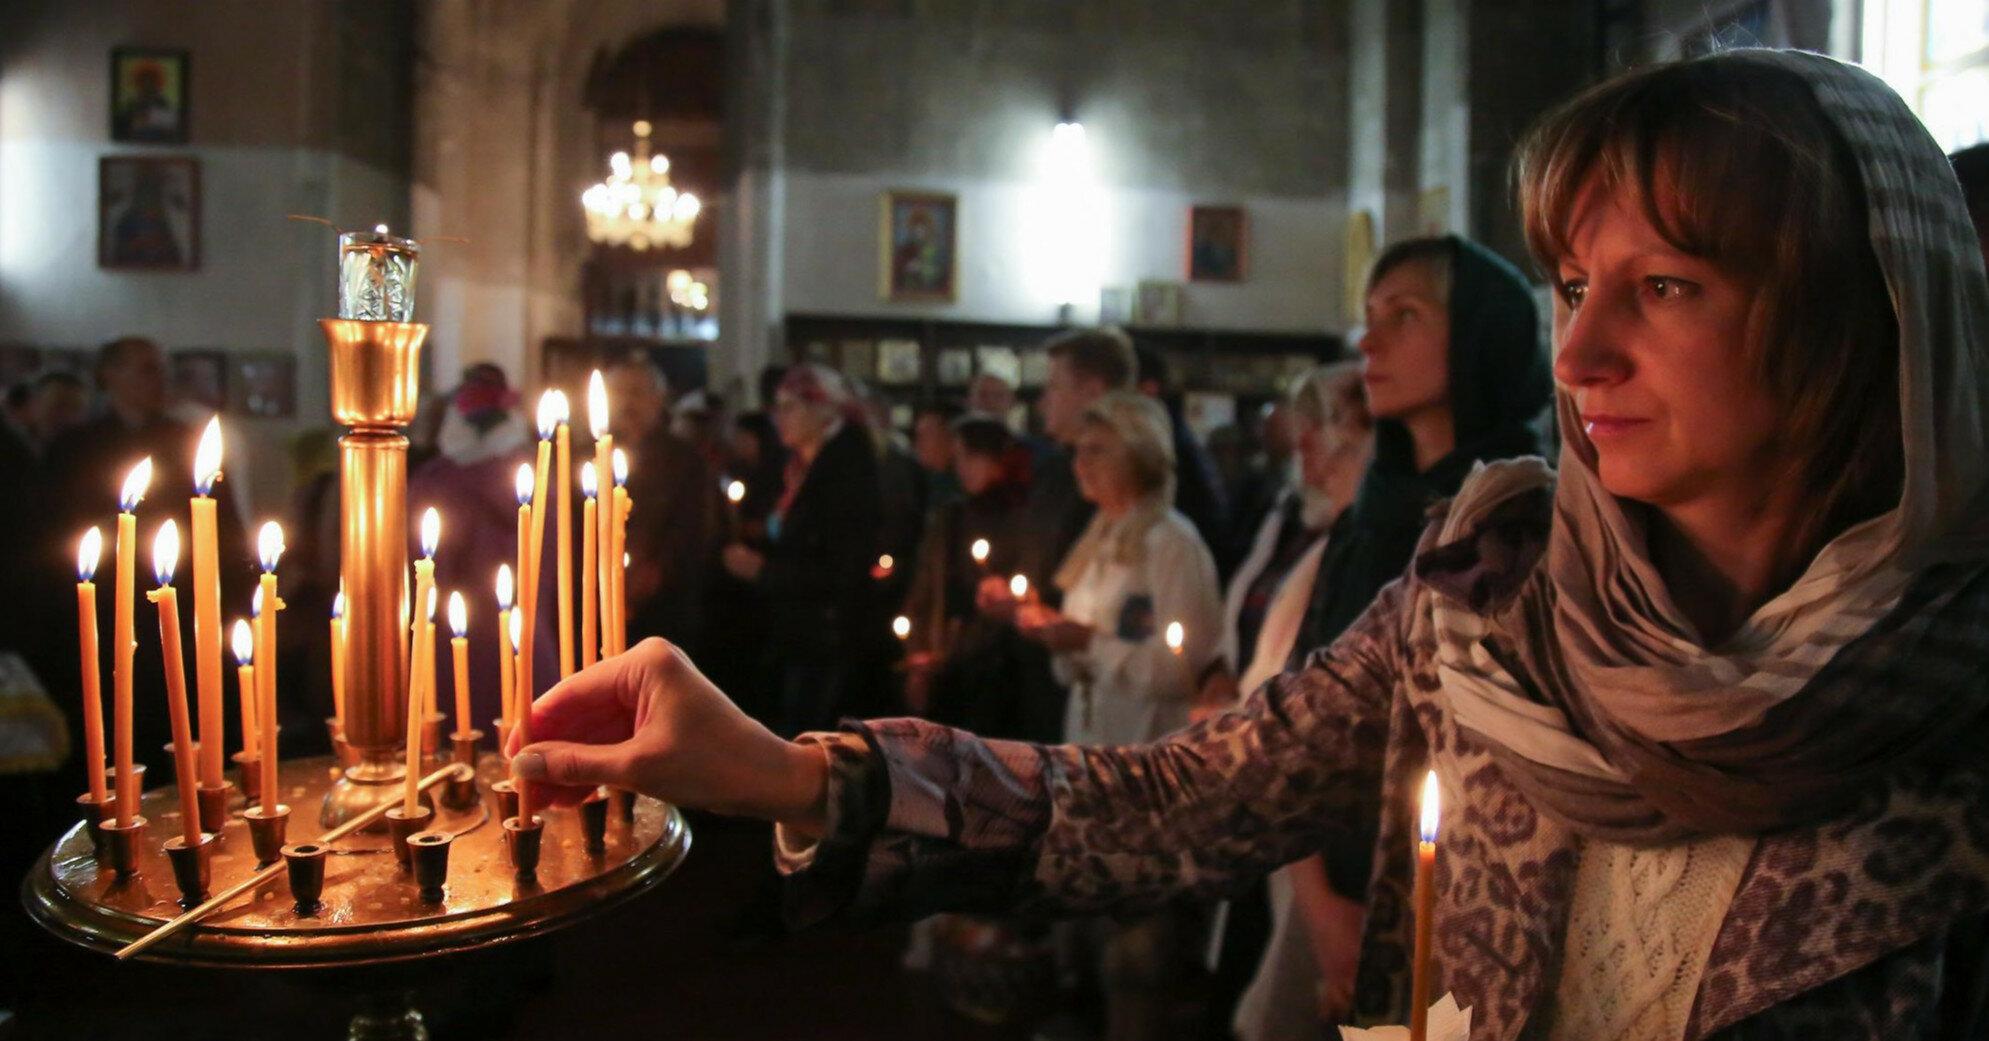 Ореховый Спас: что нести в церковь